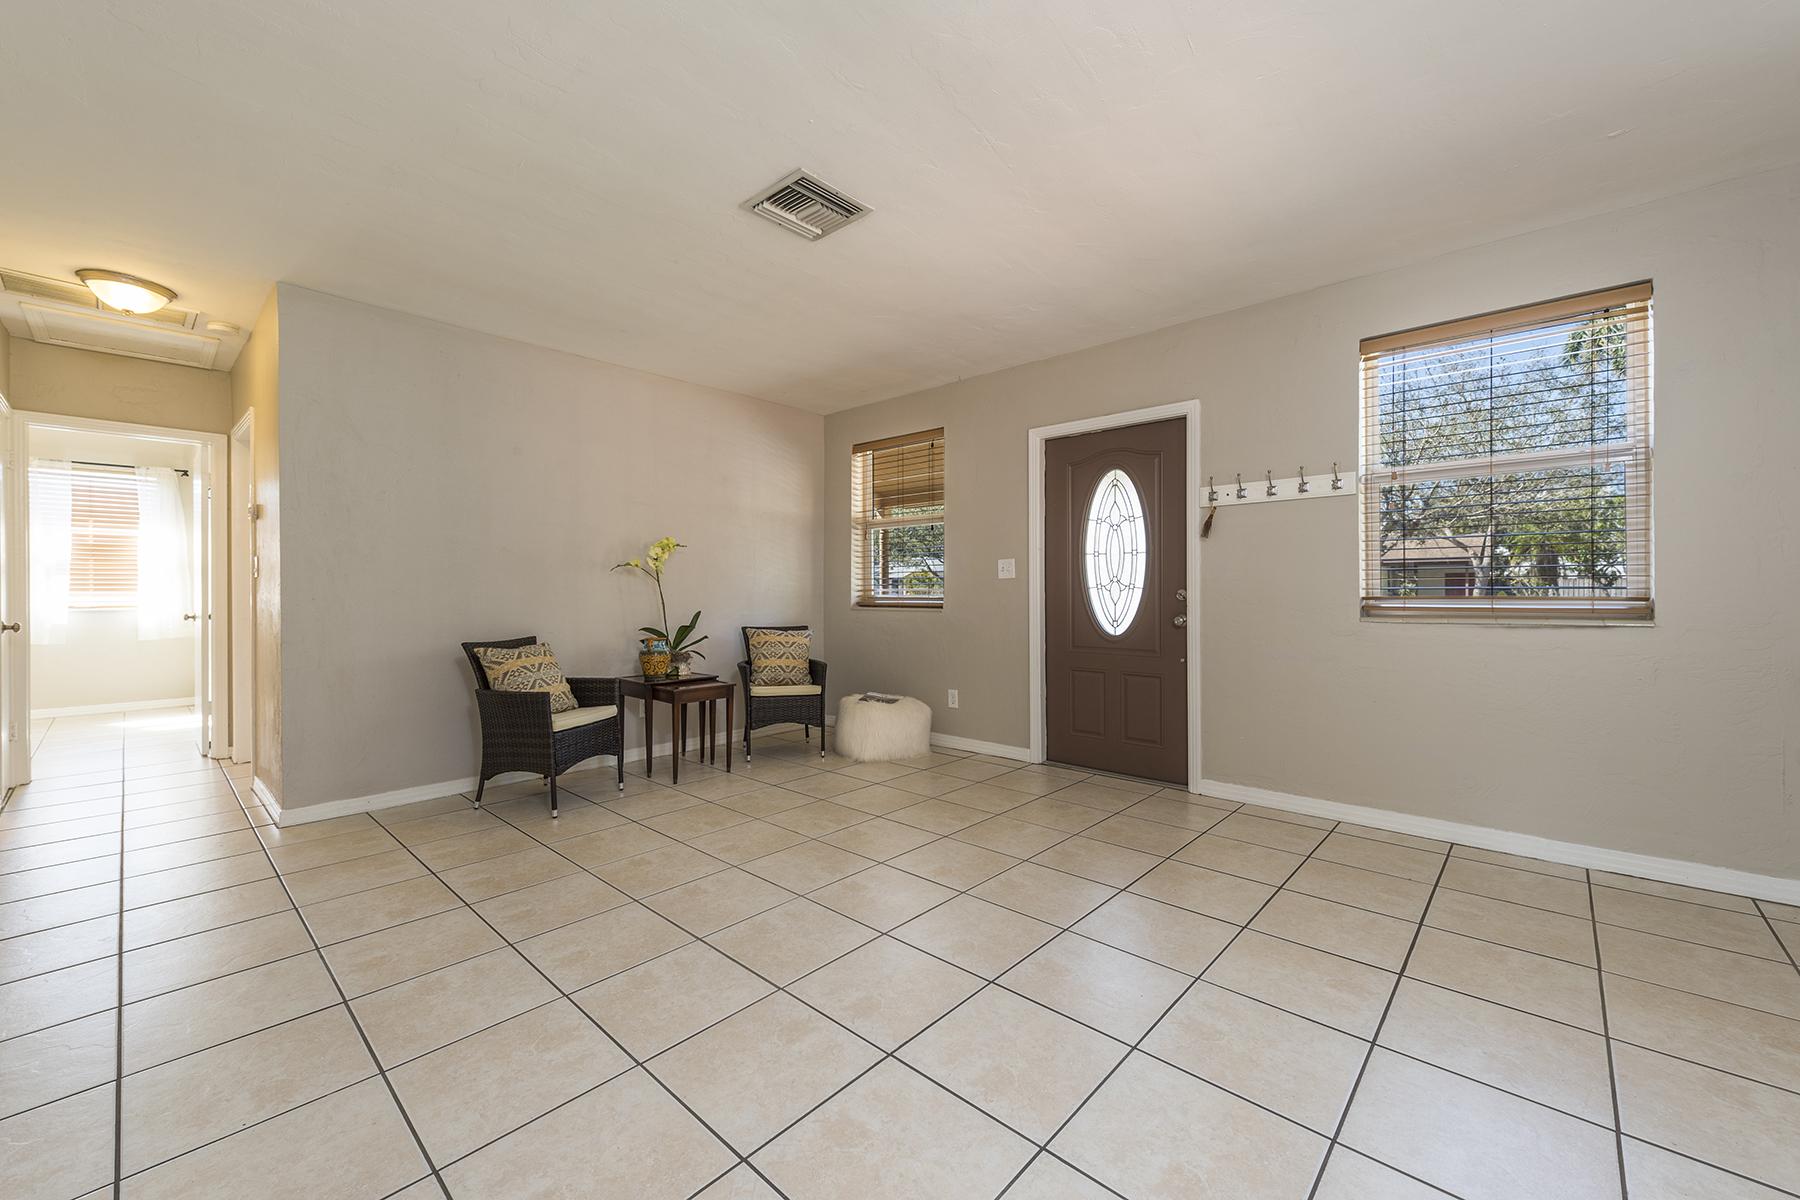 Maison unifamiliale pour l Vente à LAKE PARK 970 10th St N Naples, Florida, 34102 États-Unis